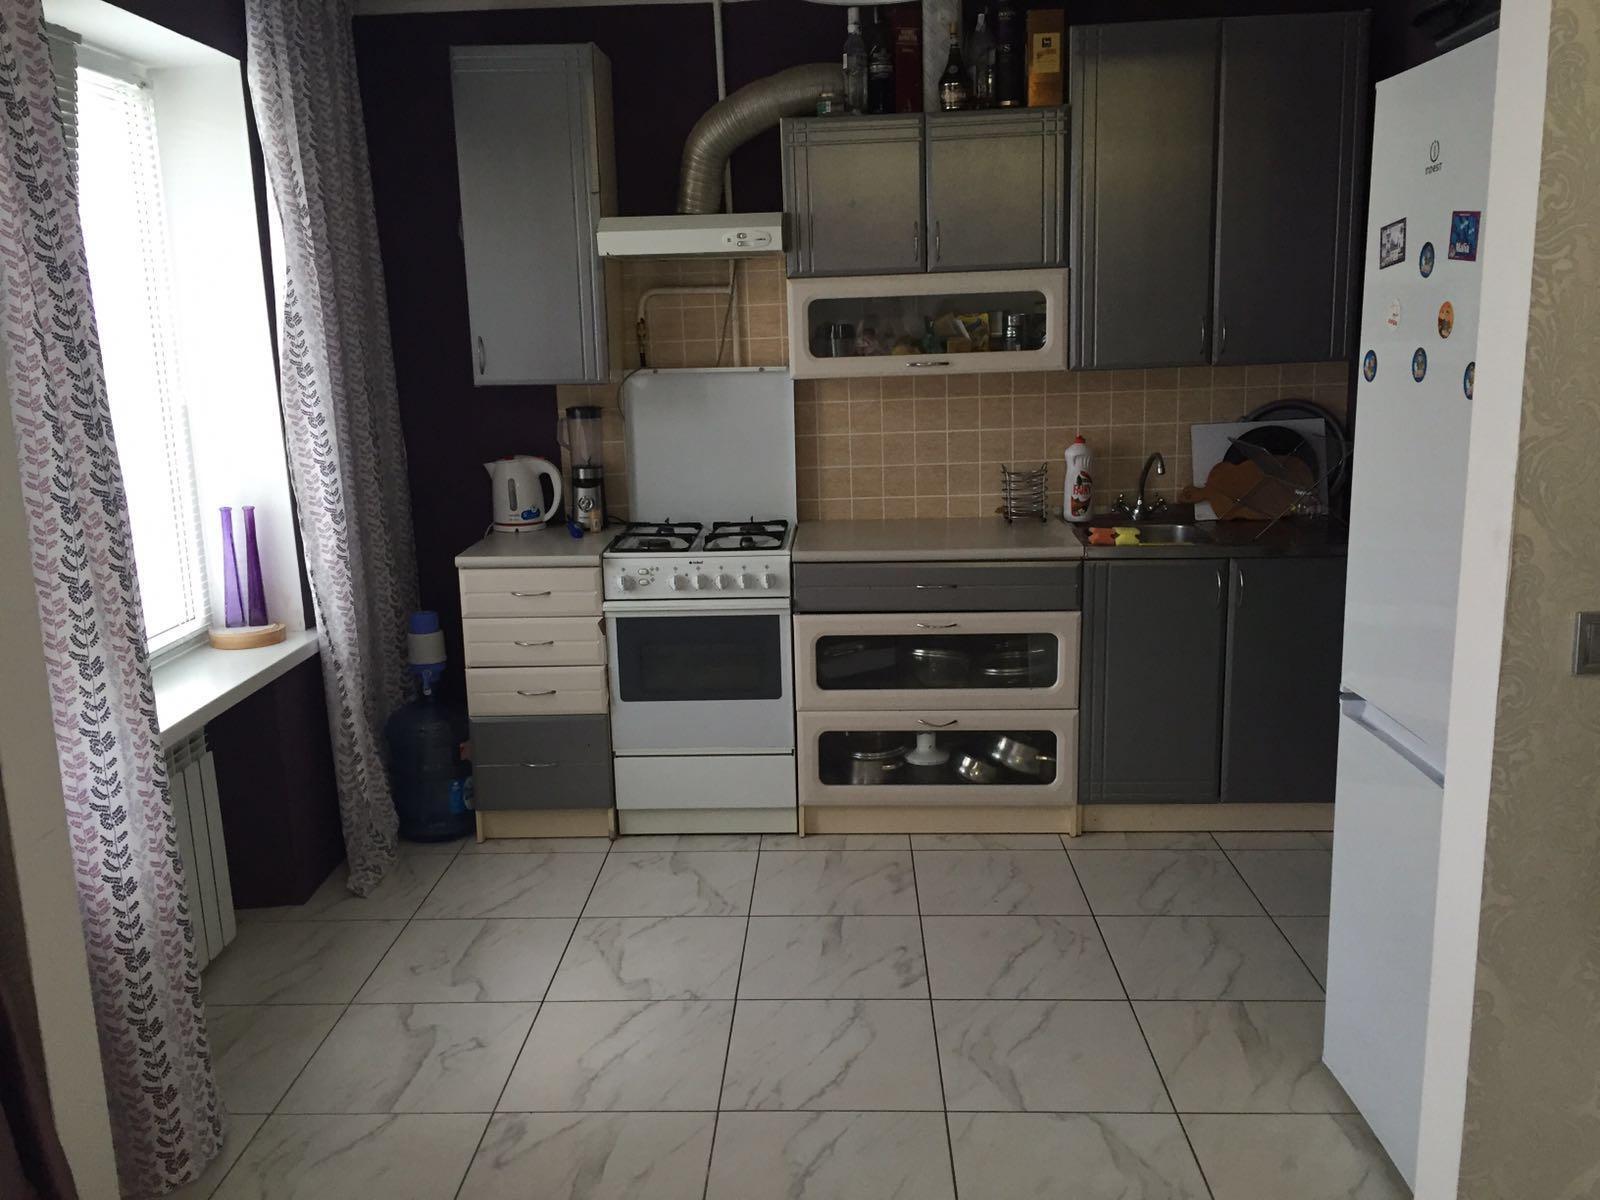 Продам квартиру Запорожское шоссе, 16, Бабушкинский р-н, Днепр (Днепропетровск)